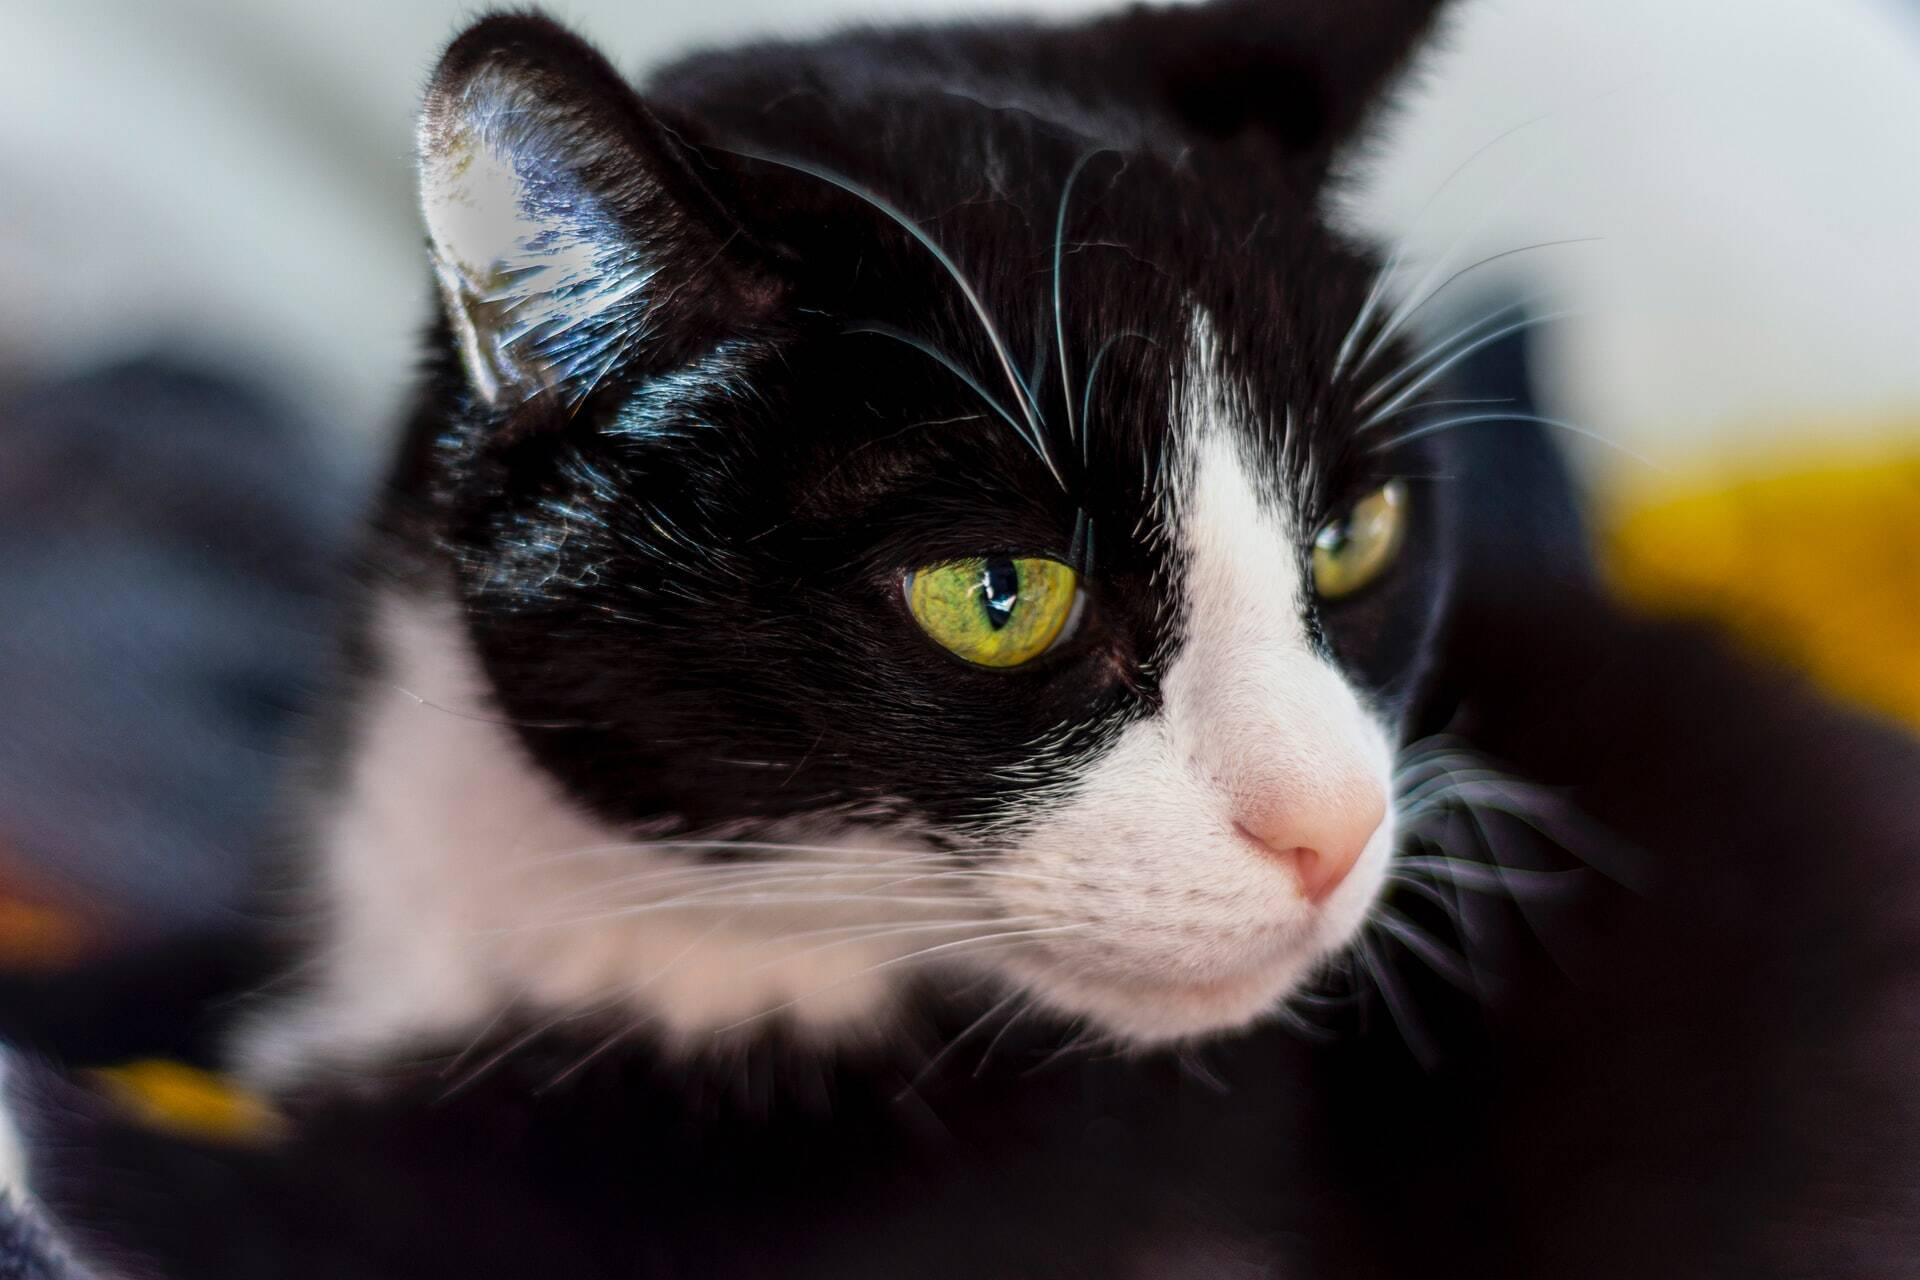 Fotos de abusos contra gatos chocam usuários do Instagram; entenda